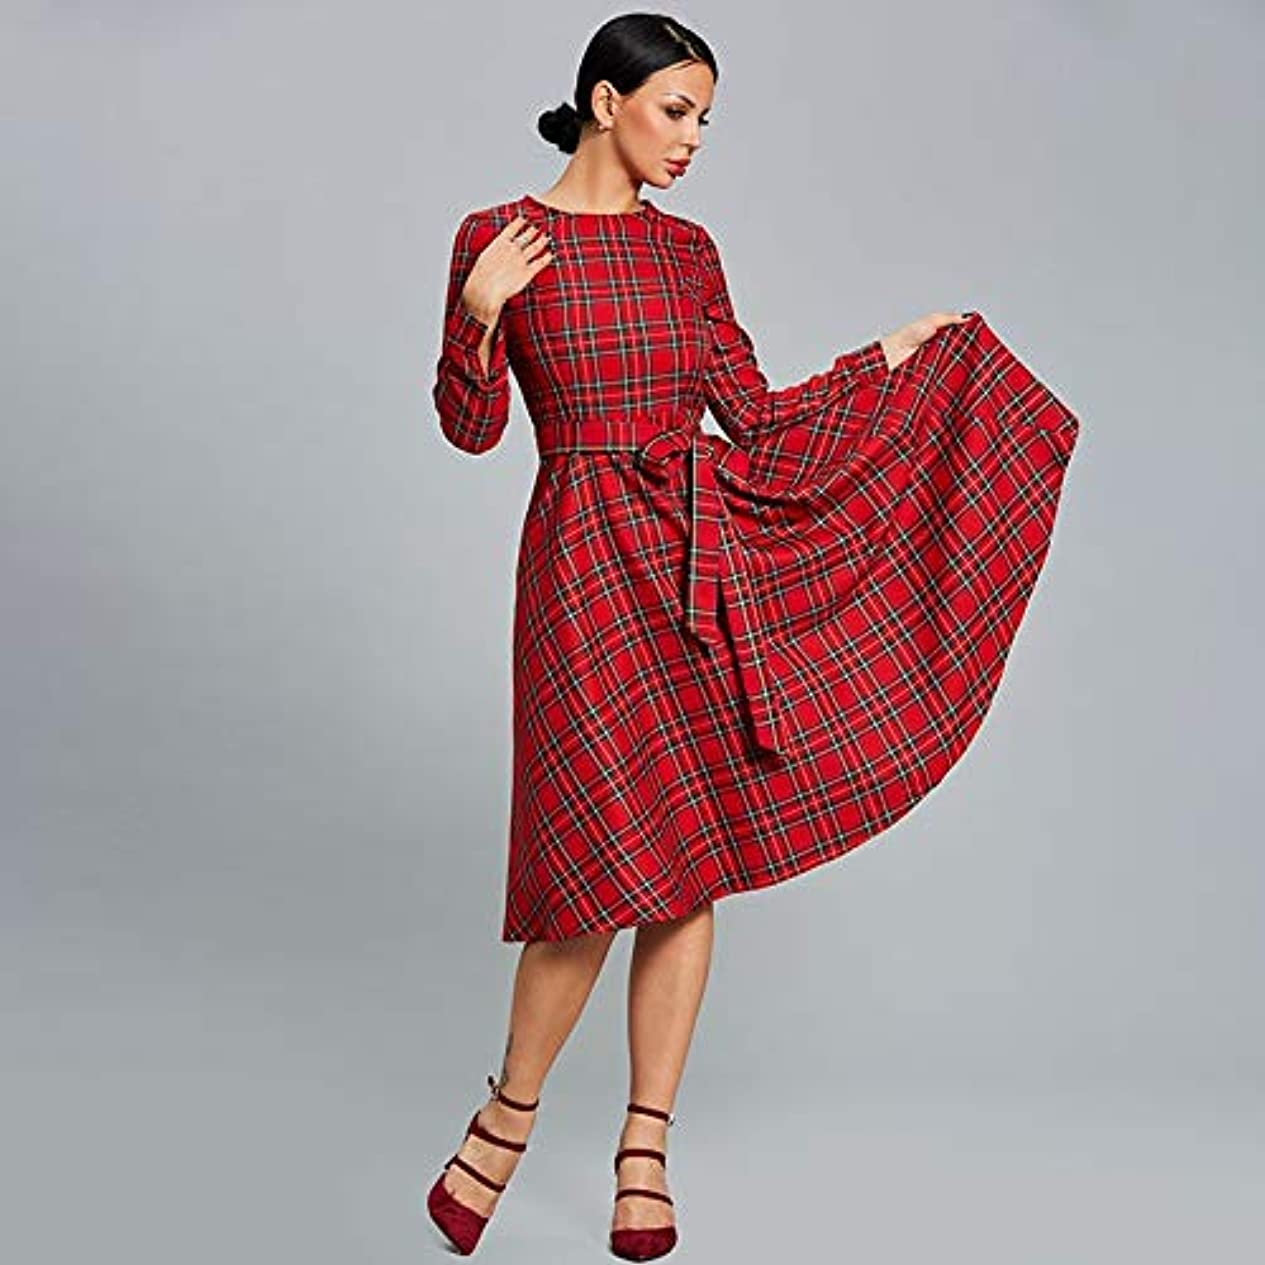 クラブエイリアス差別的Onderroa - 女性のドレス秋のタータンチェックレッドパーティードレスOネックロングスリーブパッチワークラインデー2018女性の厚いヴィンテージドレス